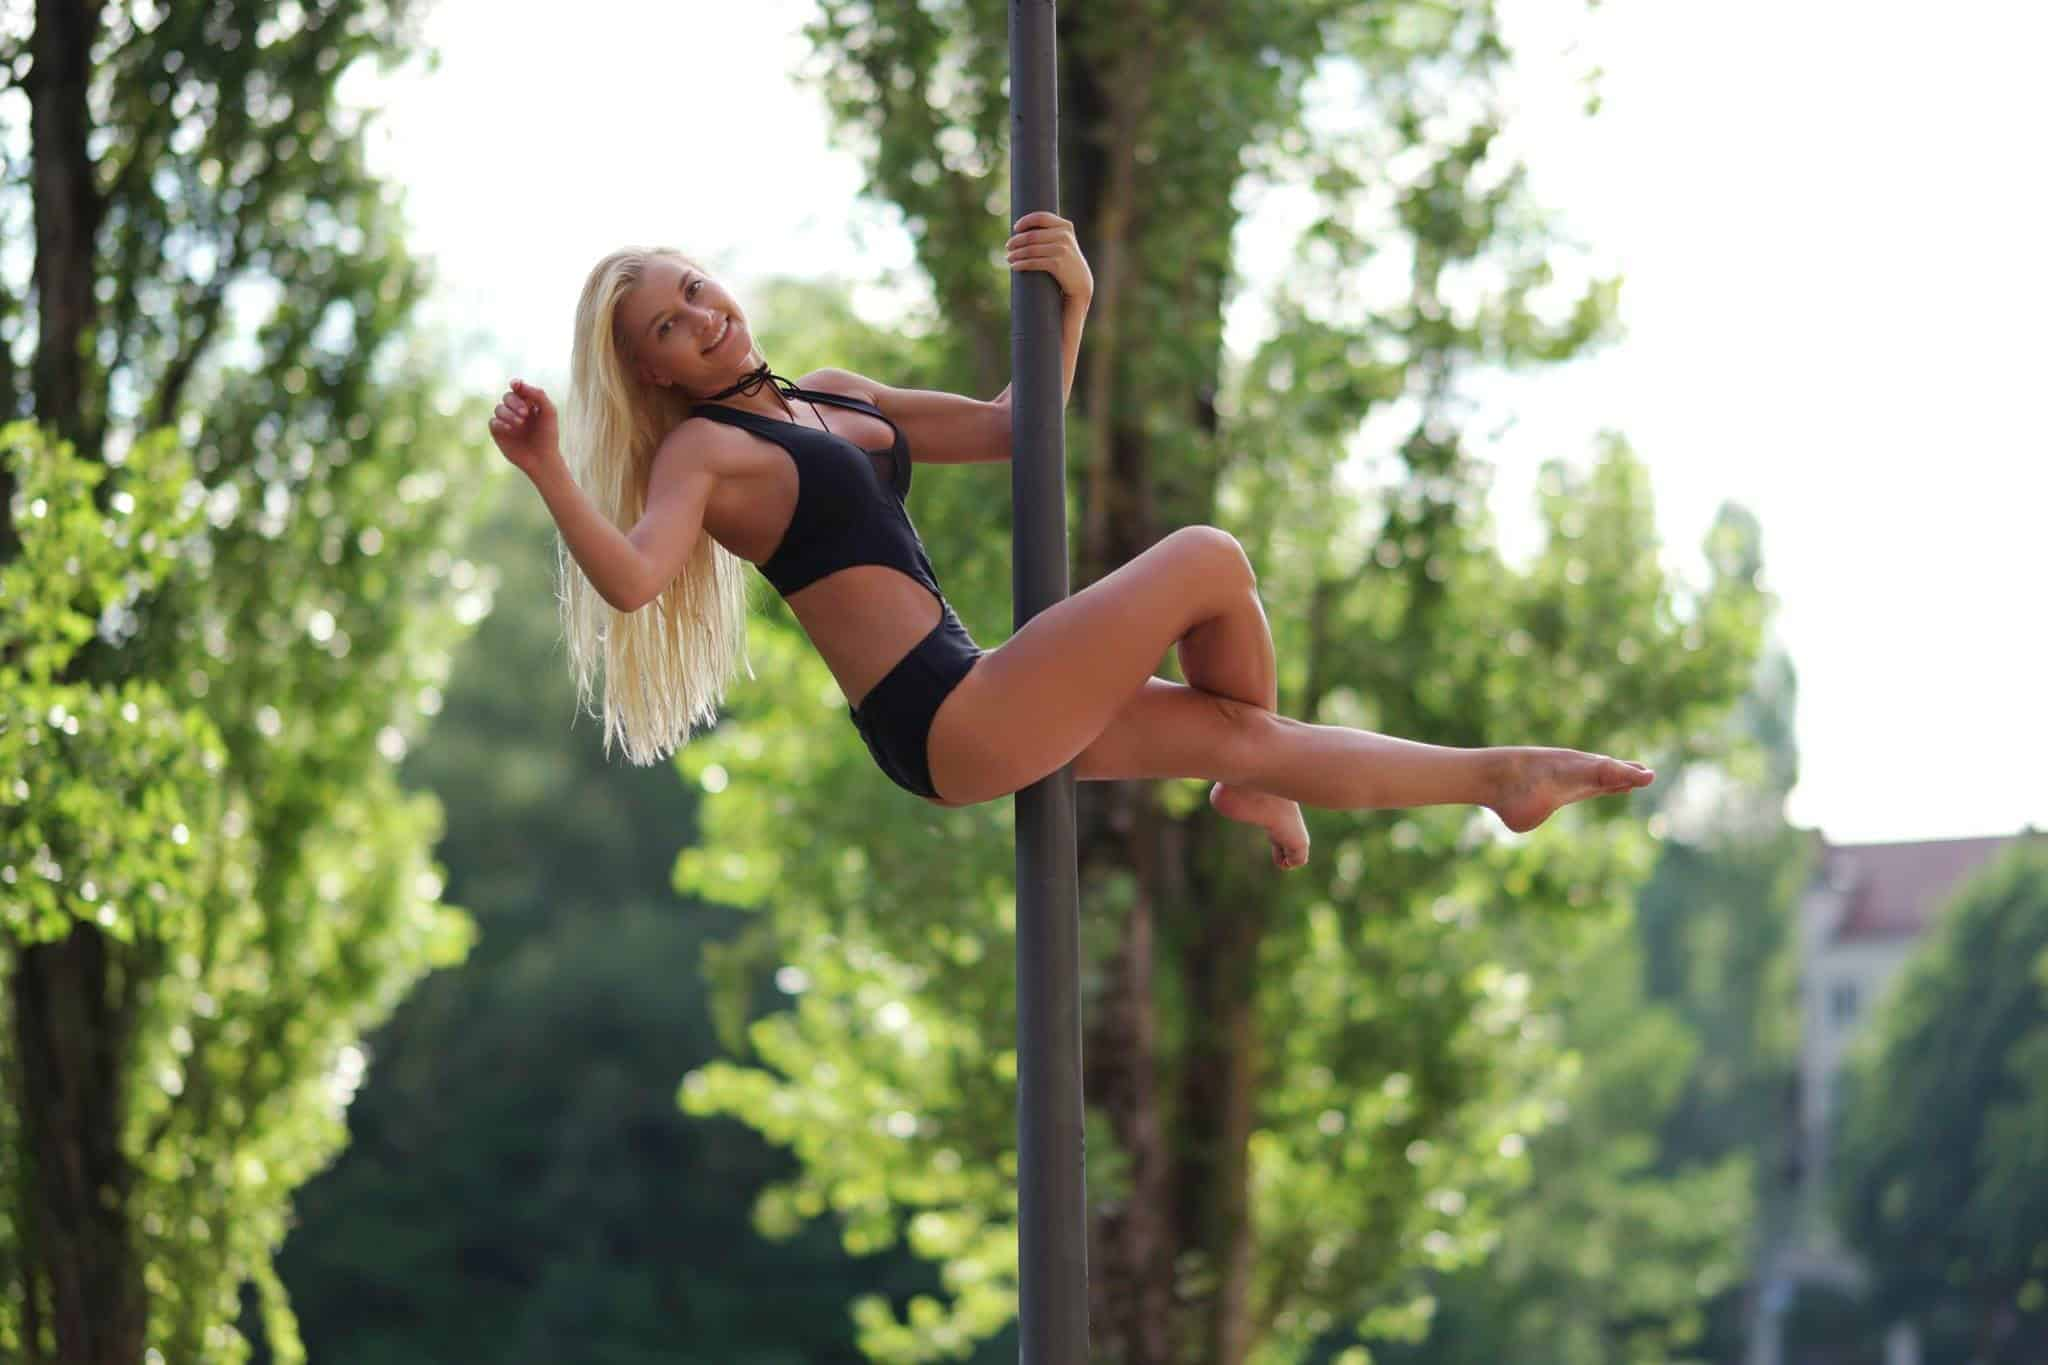 Poledance Kleidung: Test & Empfehlungen (07/20)